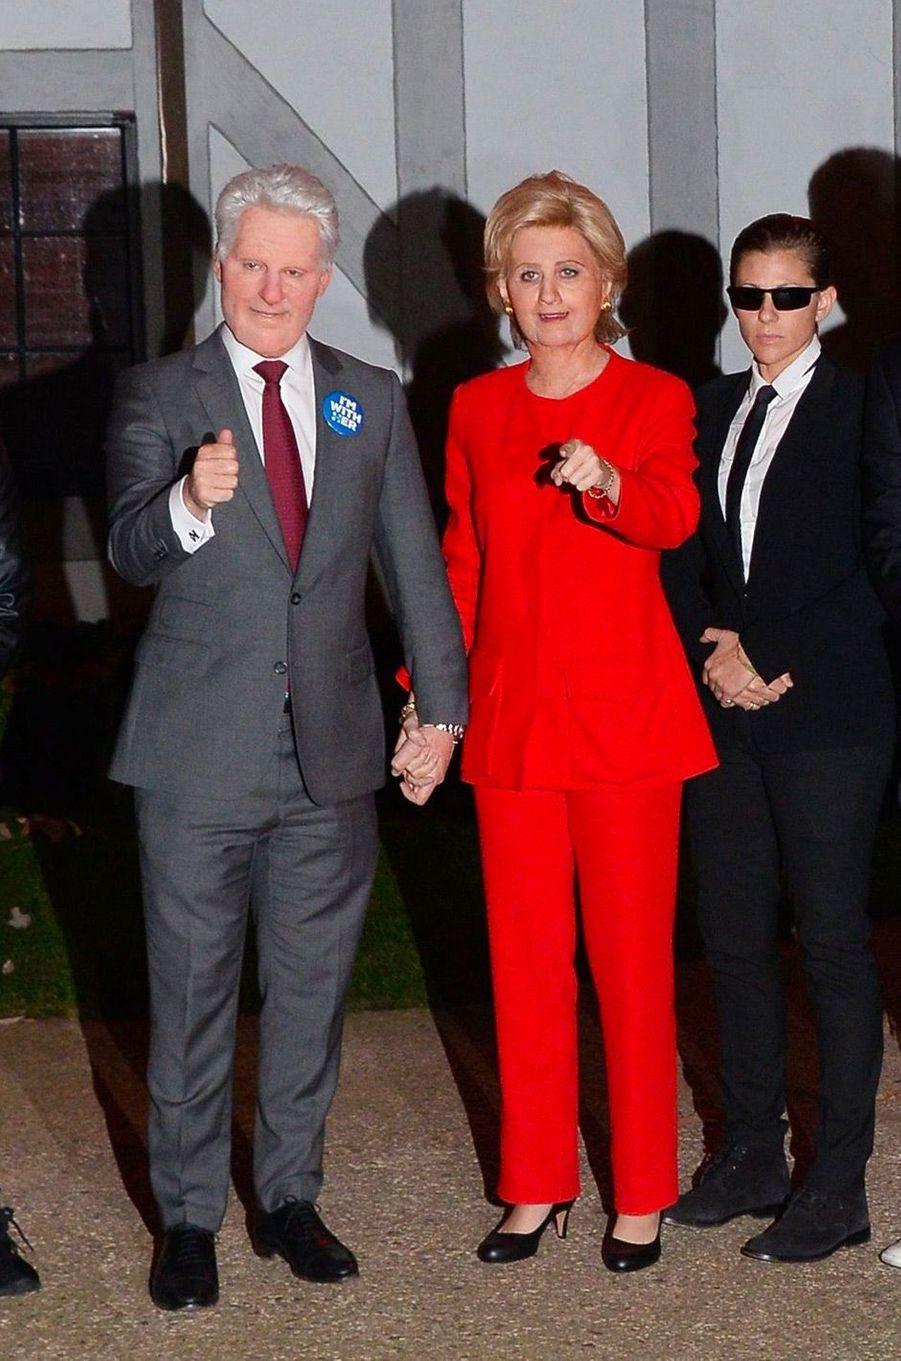 Katy Perry en Hillary Clinton et Orlando Bloom en Bill Clinton pour Halloween 2016